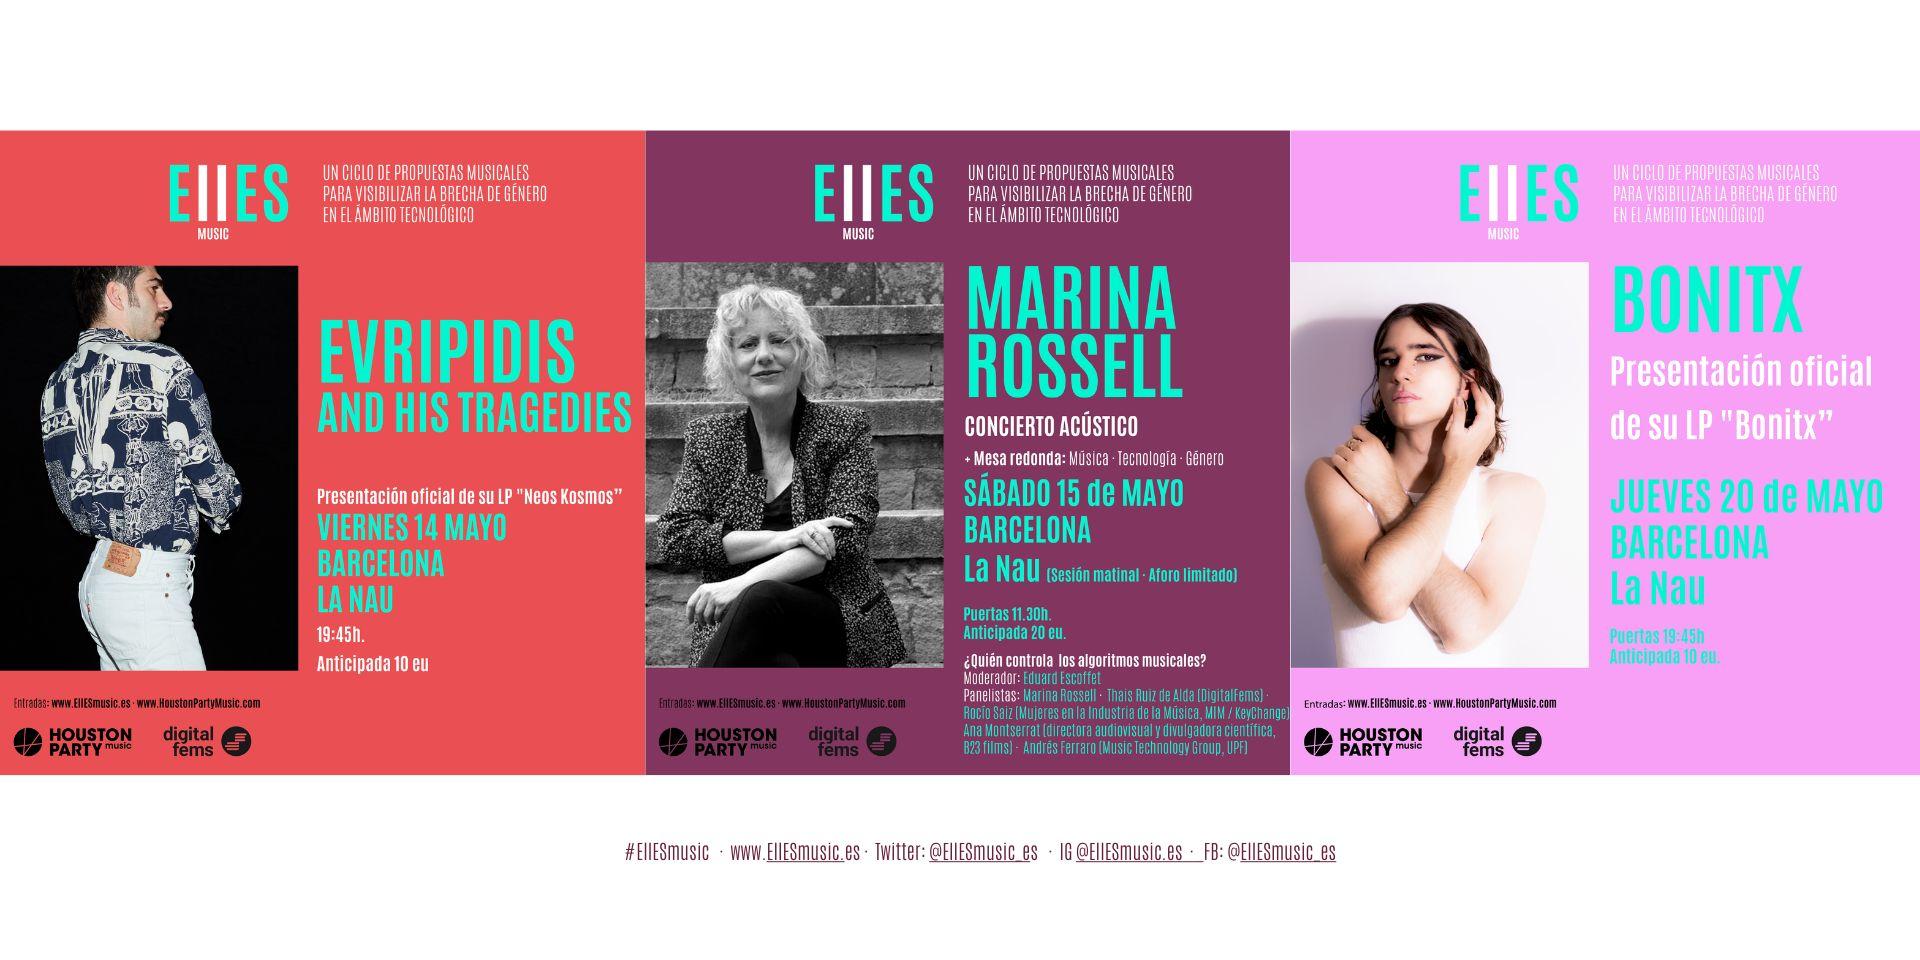 Evripidis And His Tragedies, Marina Rossell y Bonitx, próximas citas de EllESmusic en mayo.